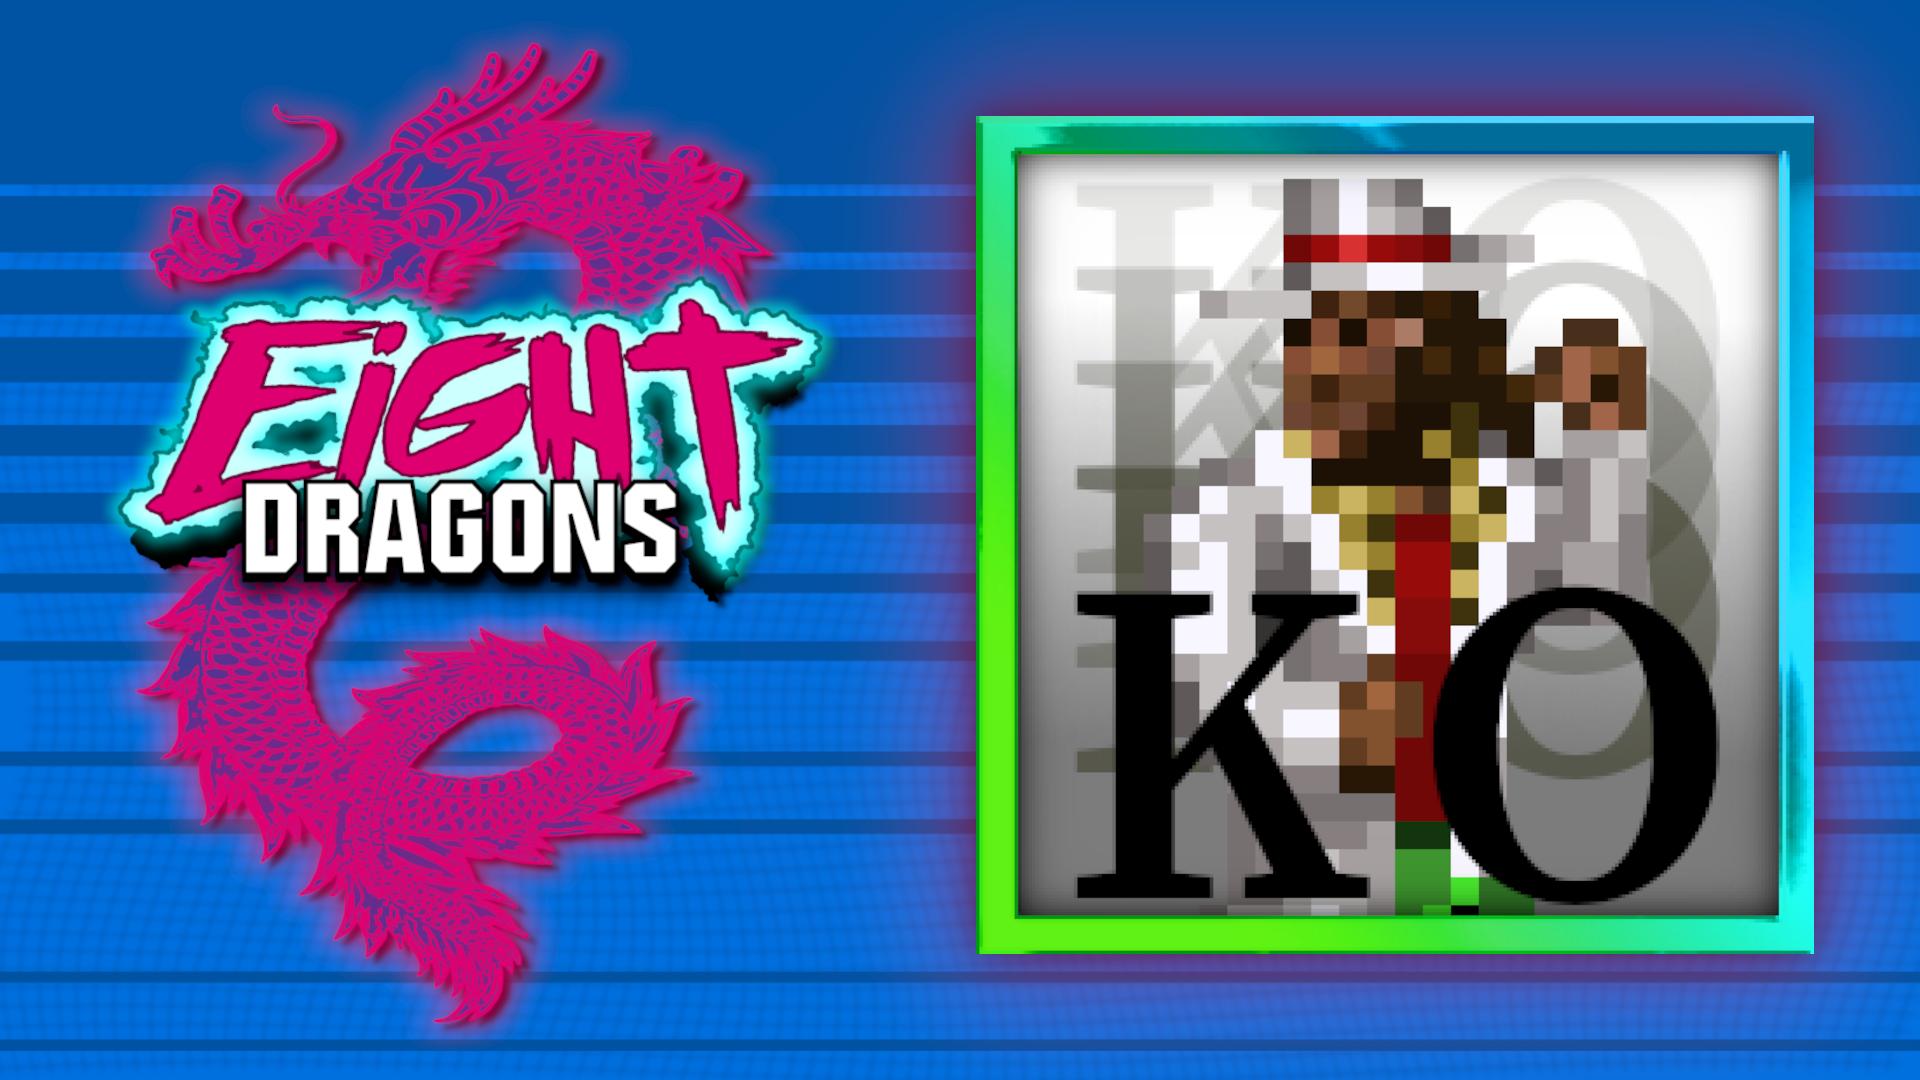 Icon for KO Silky